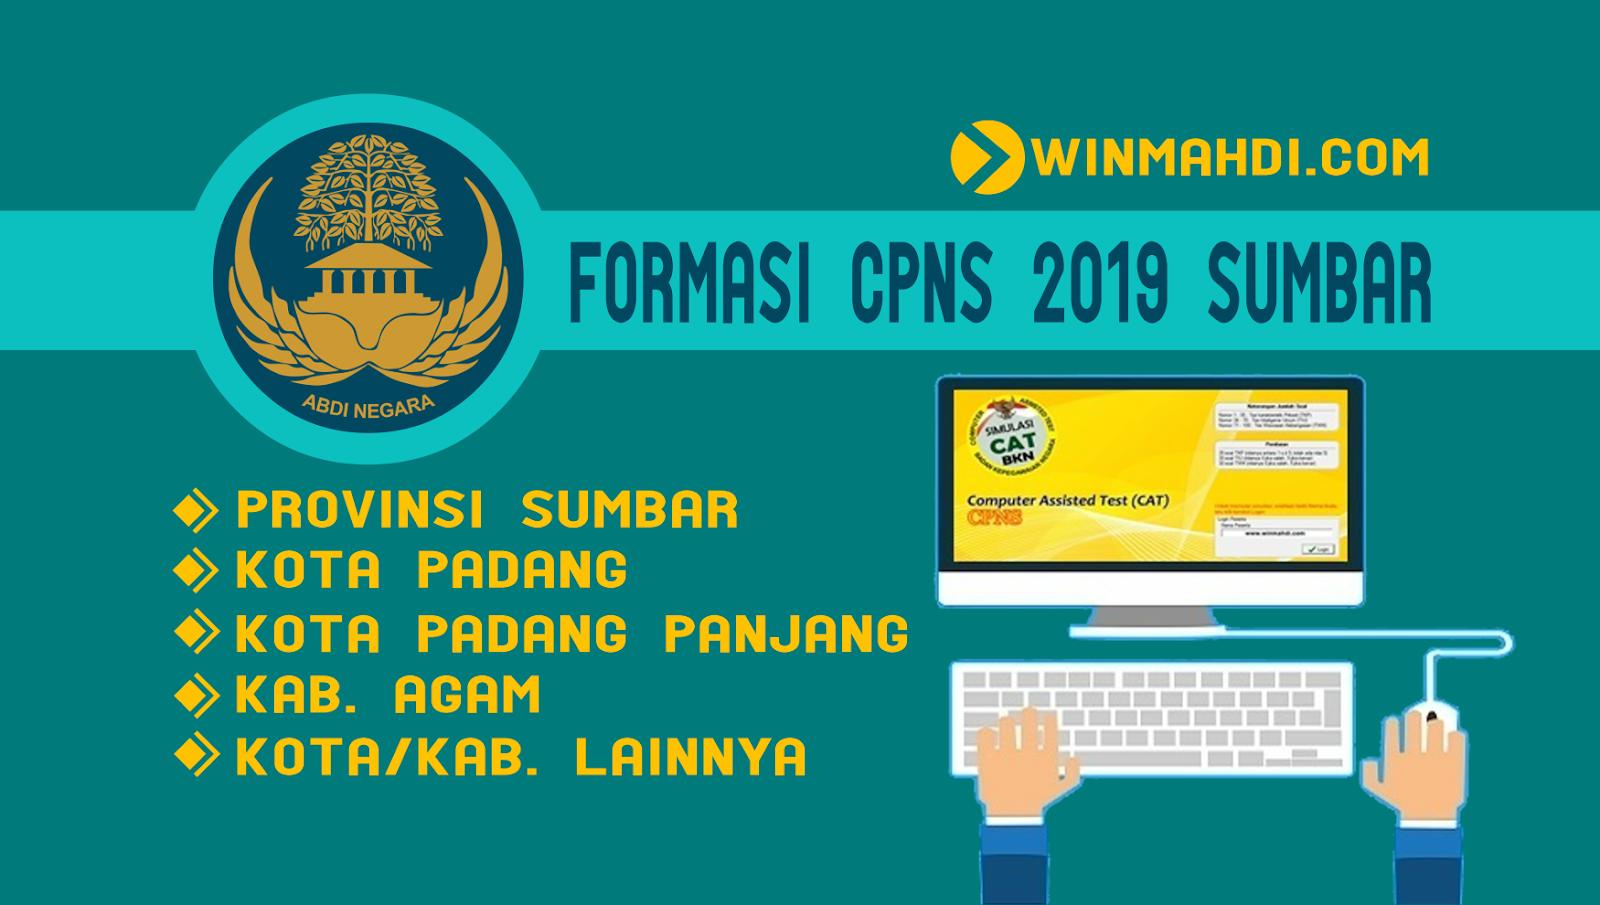 Daftar Formasi CPNS 2019 Sumatera Barat